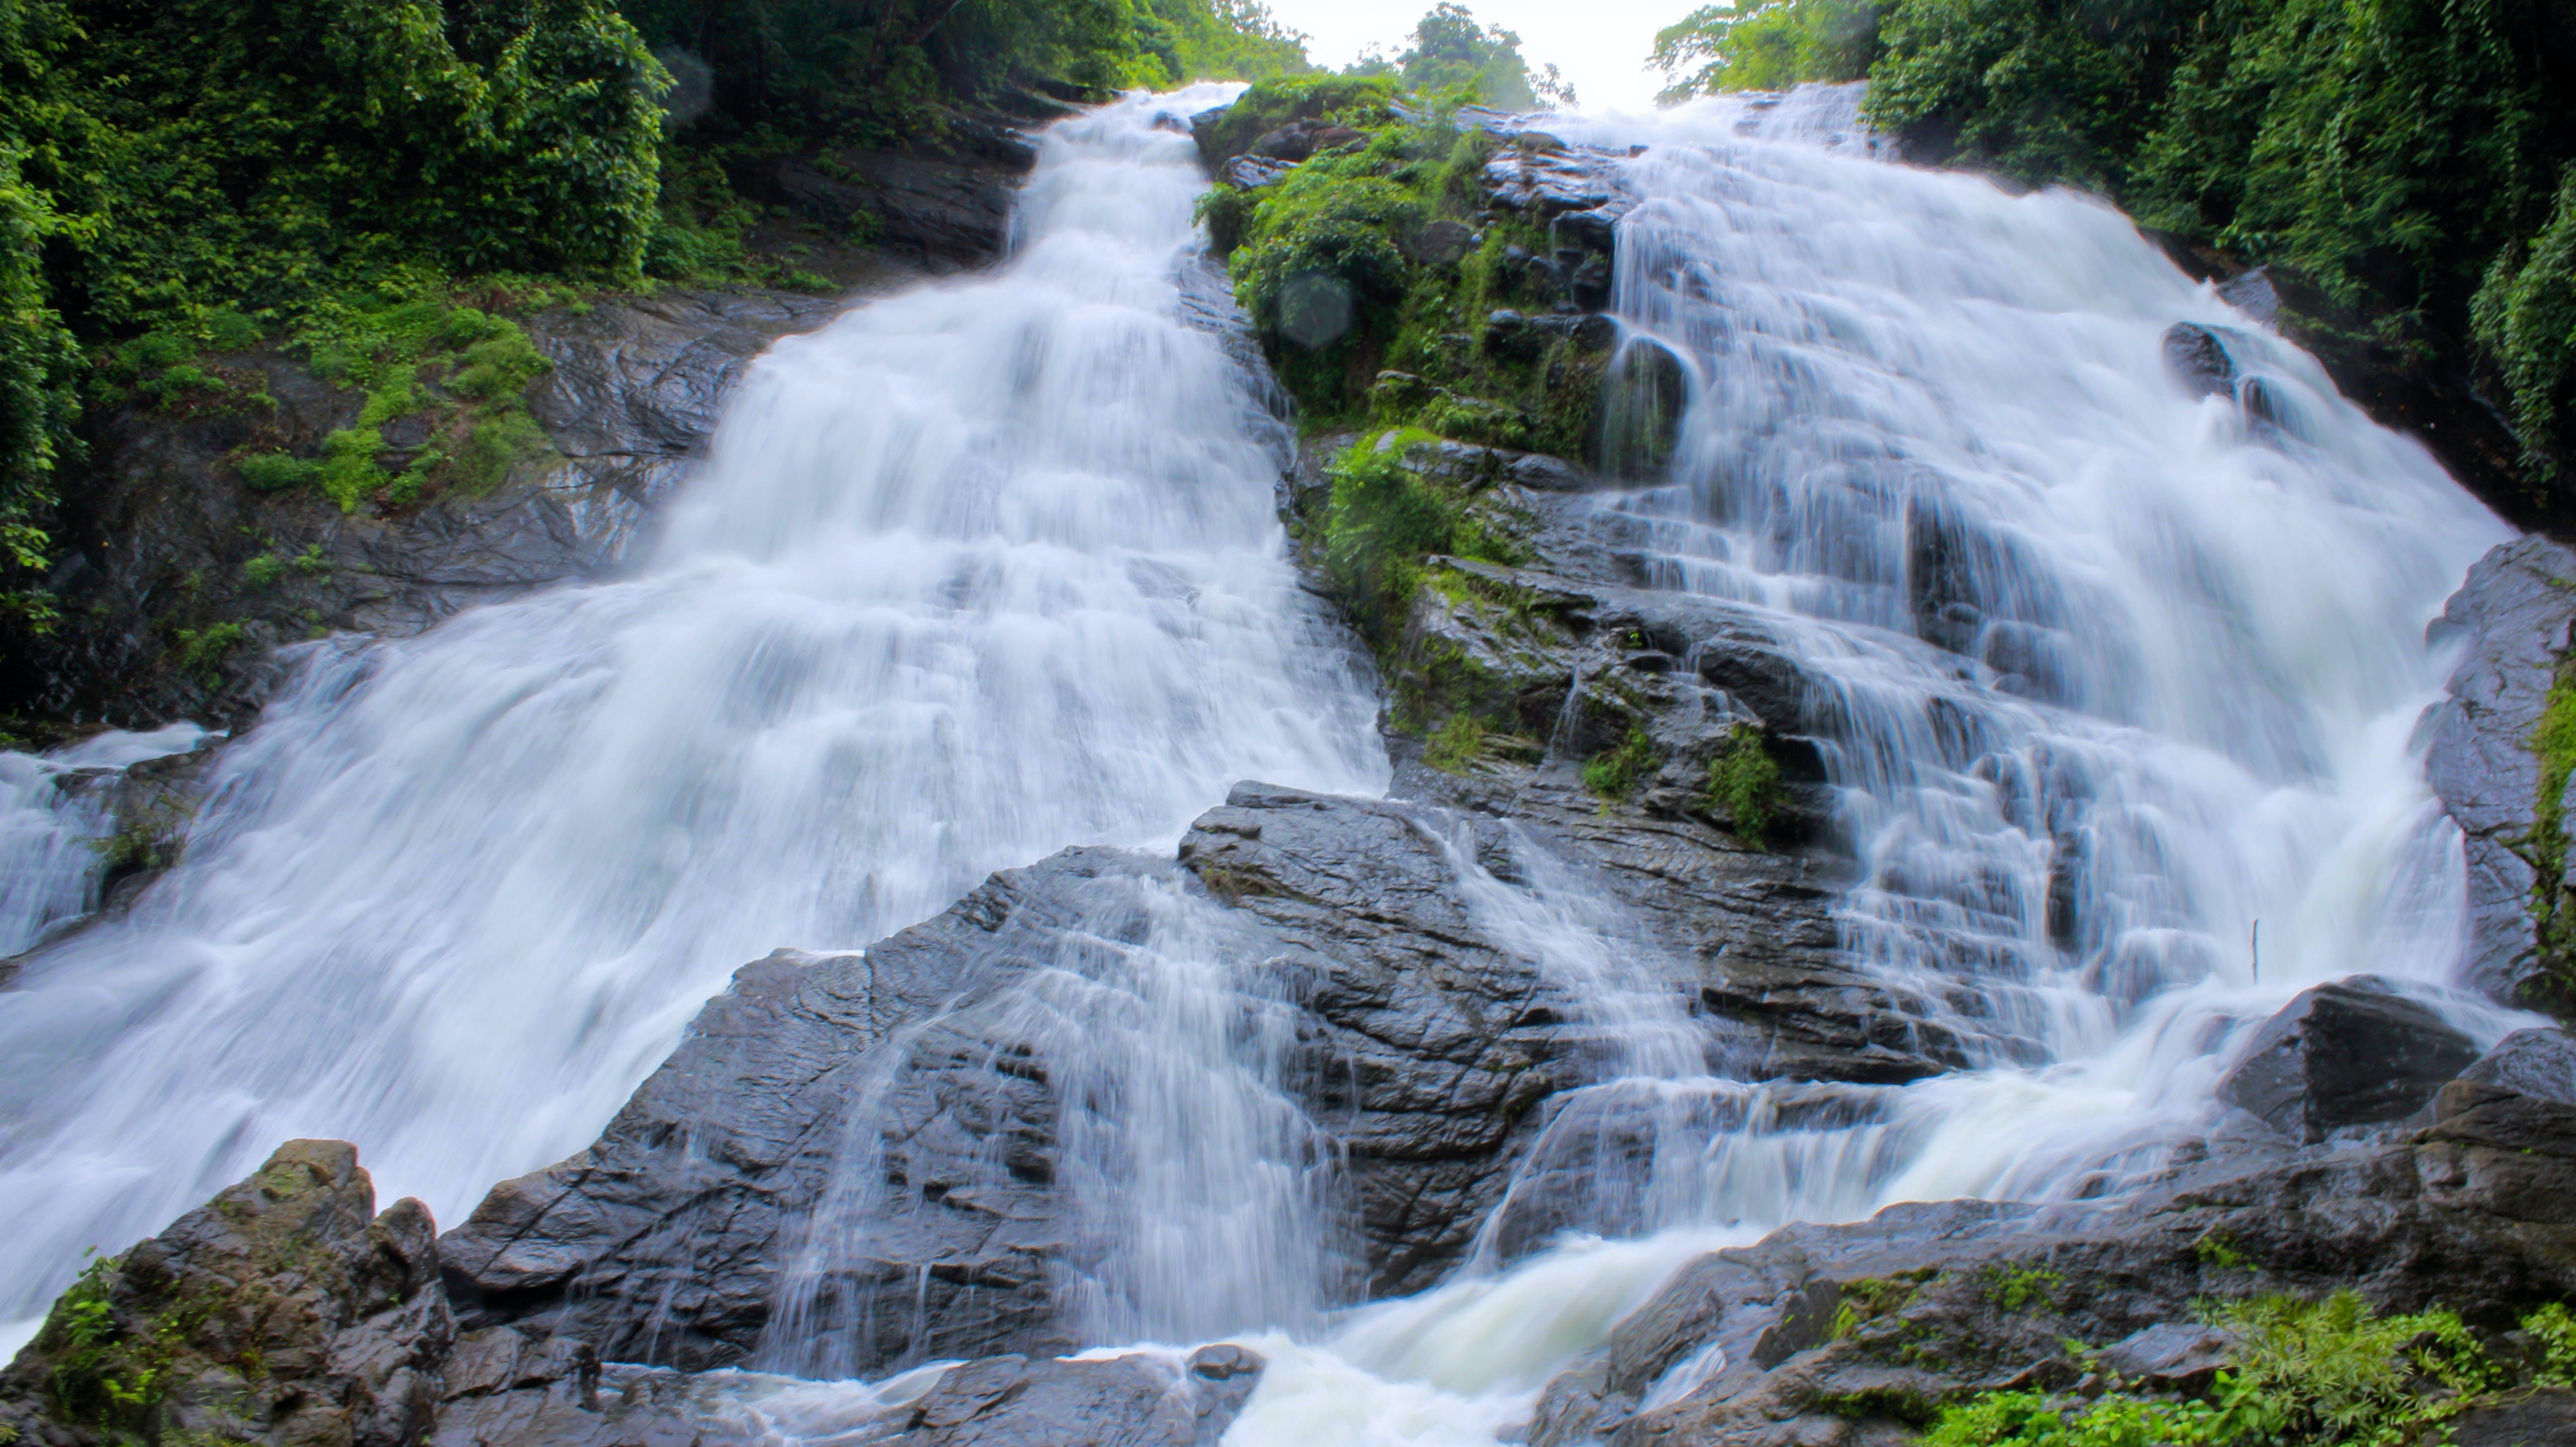 Δωρεάν στοκ φωτογραφιών με βουνό, βράχια, βρεγμένος, βρύο